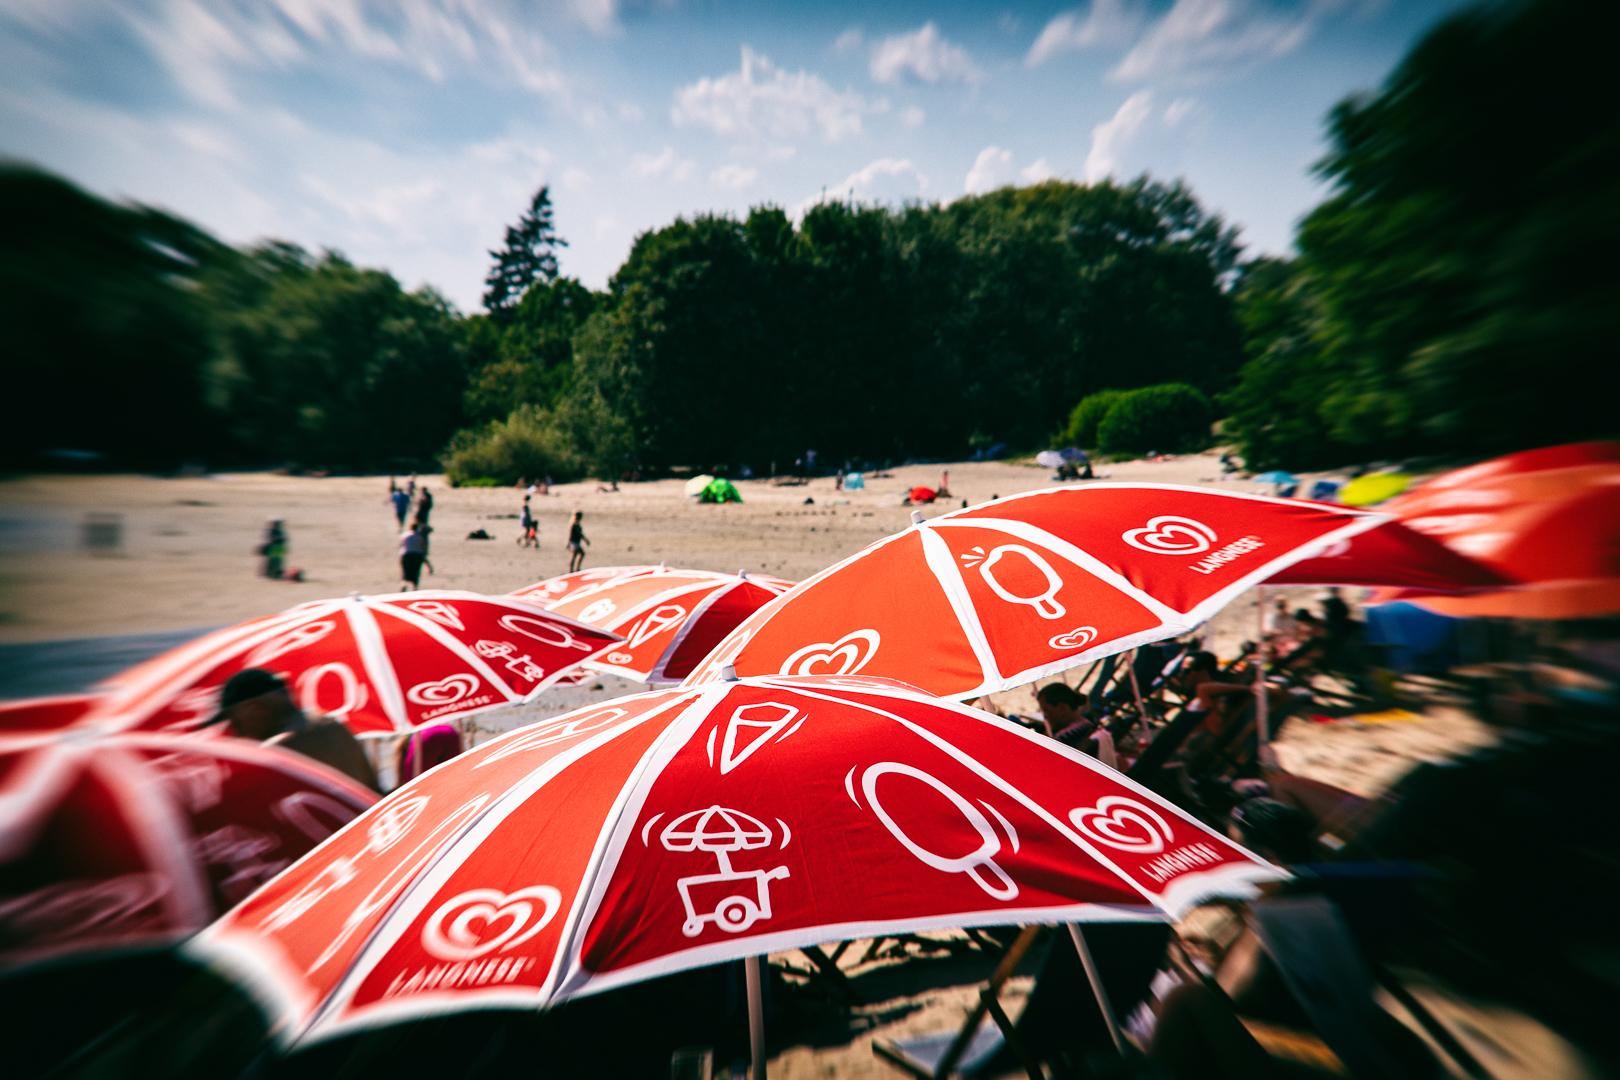 Sonnenschirme am sommerlichen Strandbad